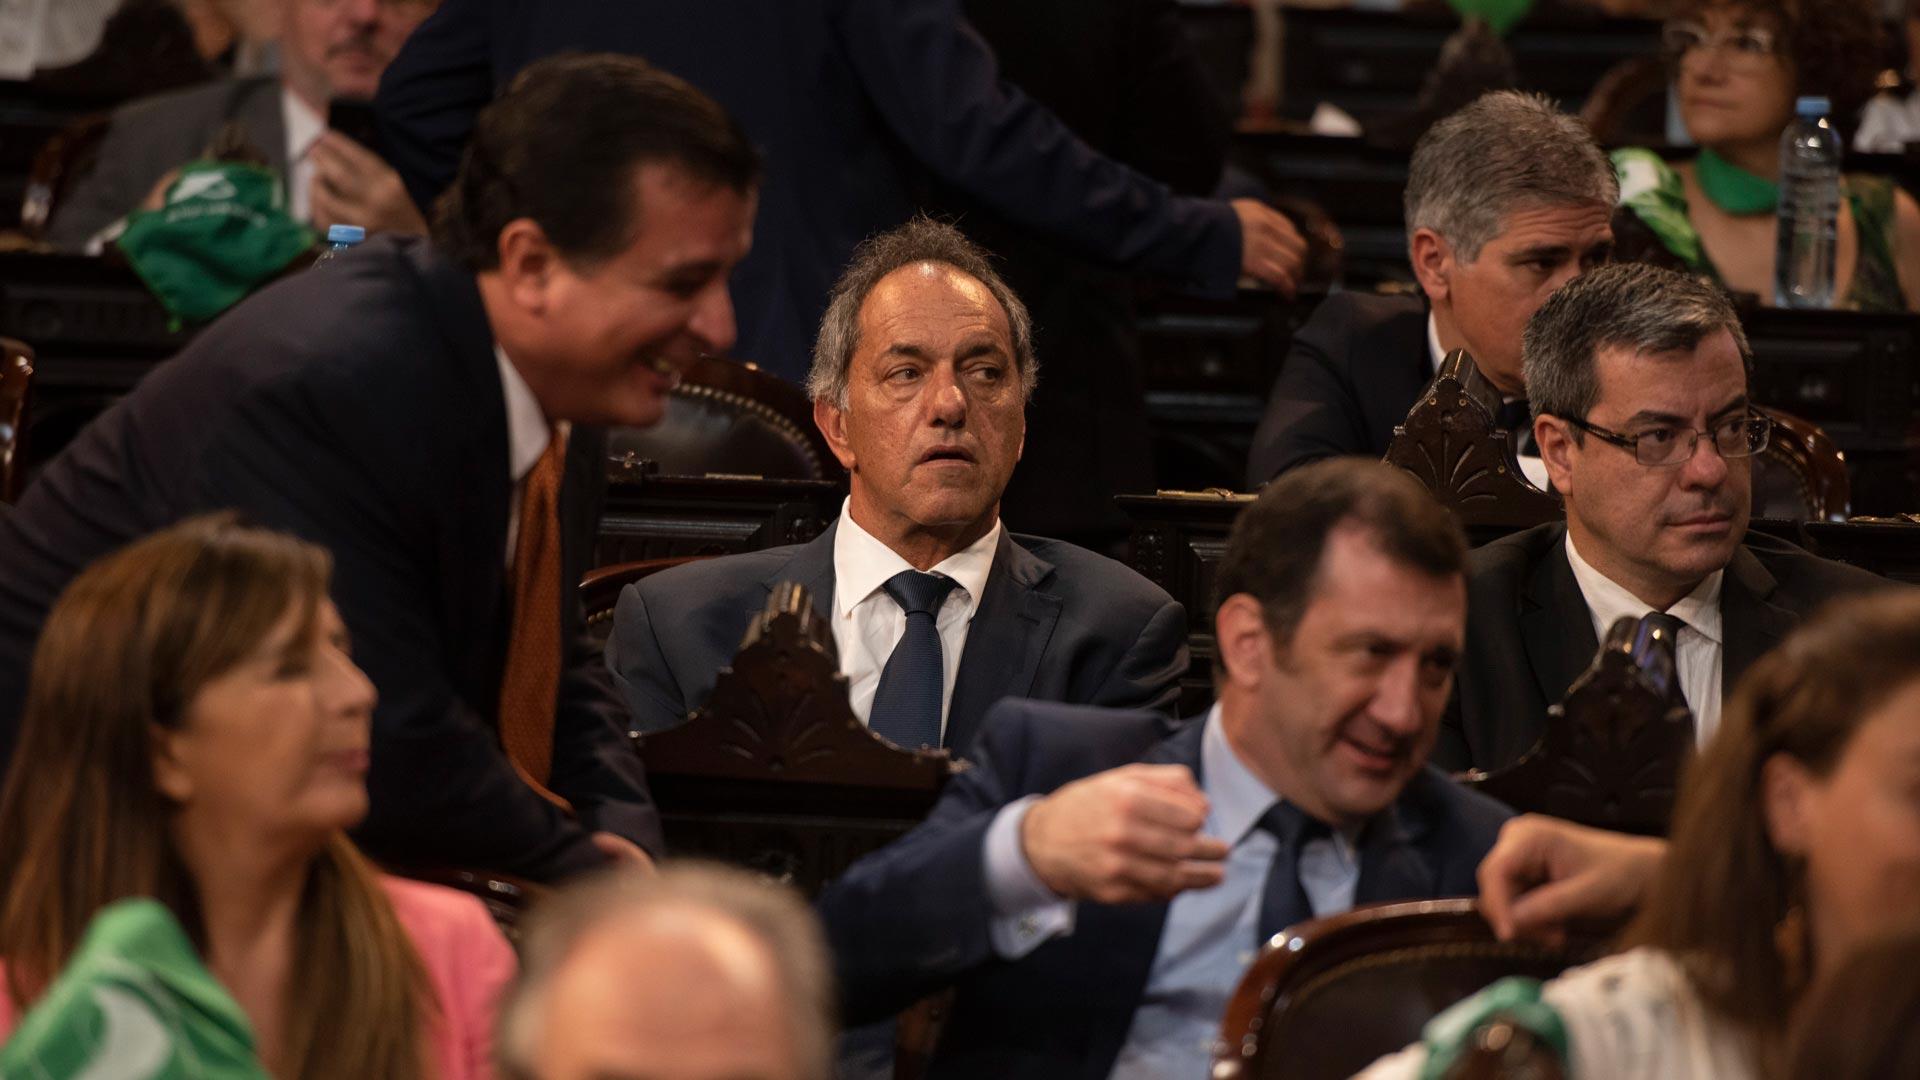 Daniel Scioli, designado embajador ante Brasil, con un clásico traje y corbata en tonos azul marino.